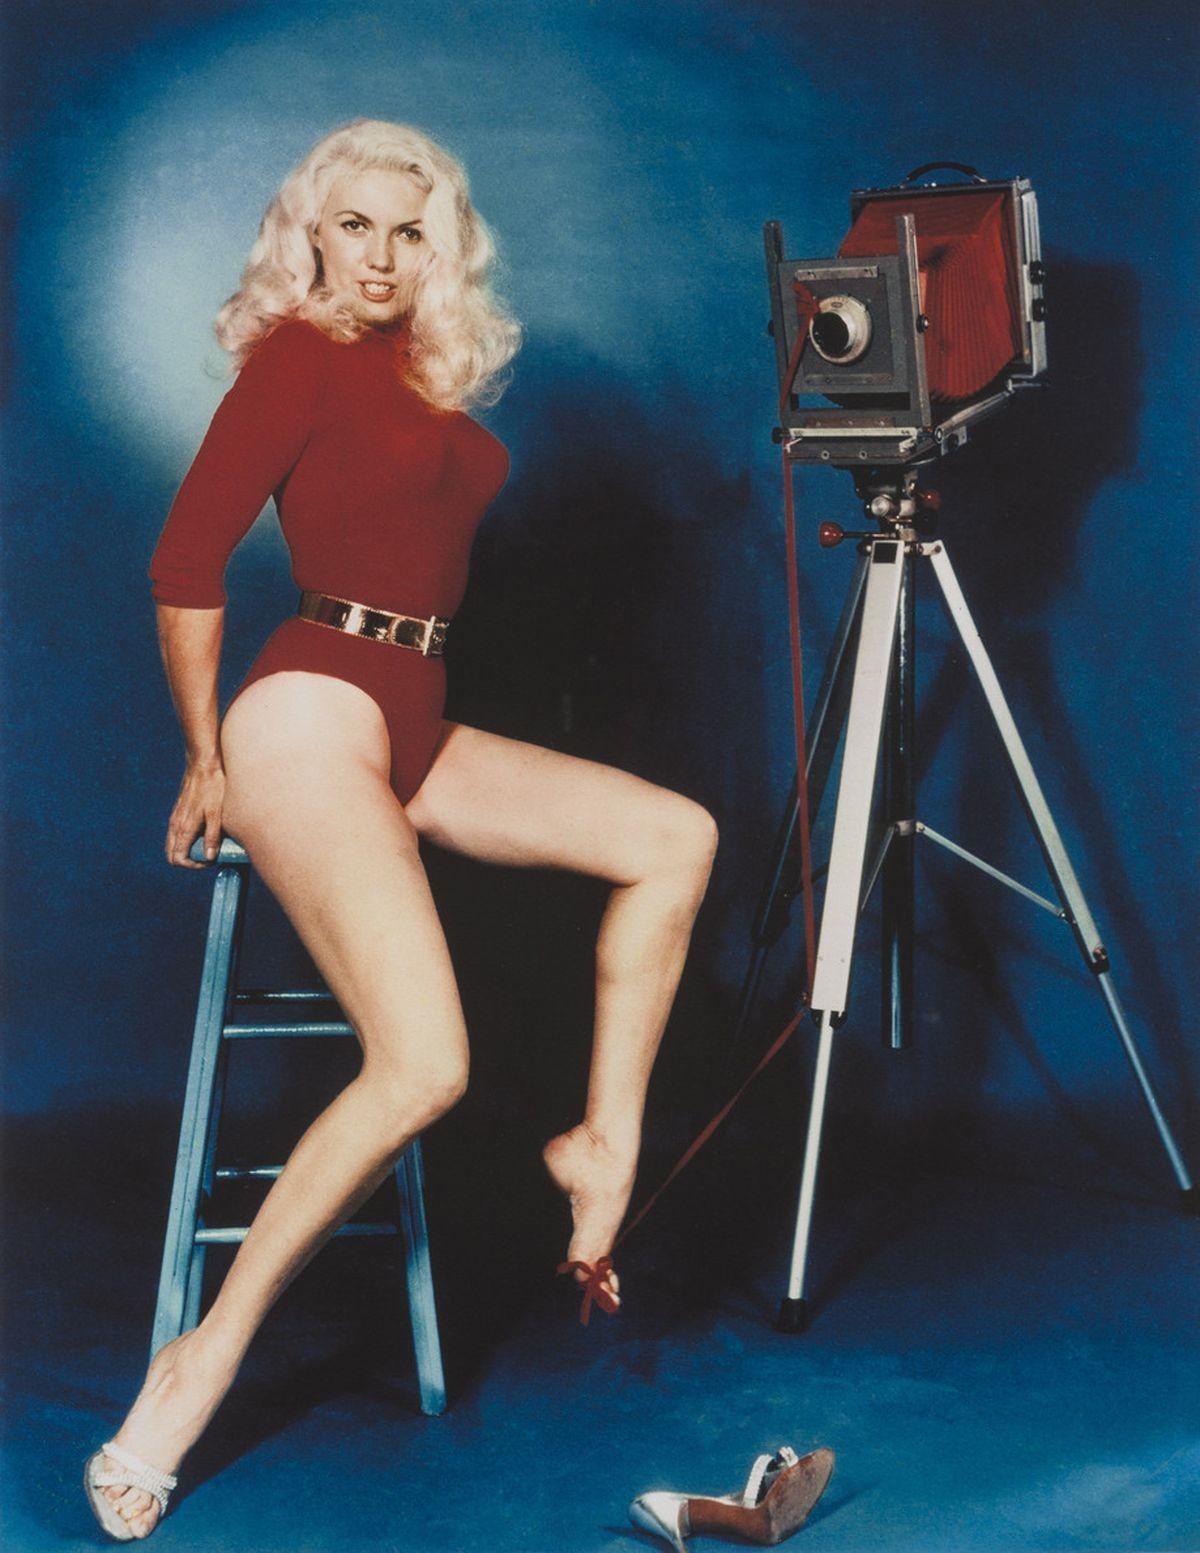 Фотограф и модель Банни Йеджер